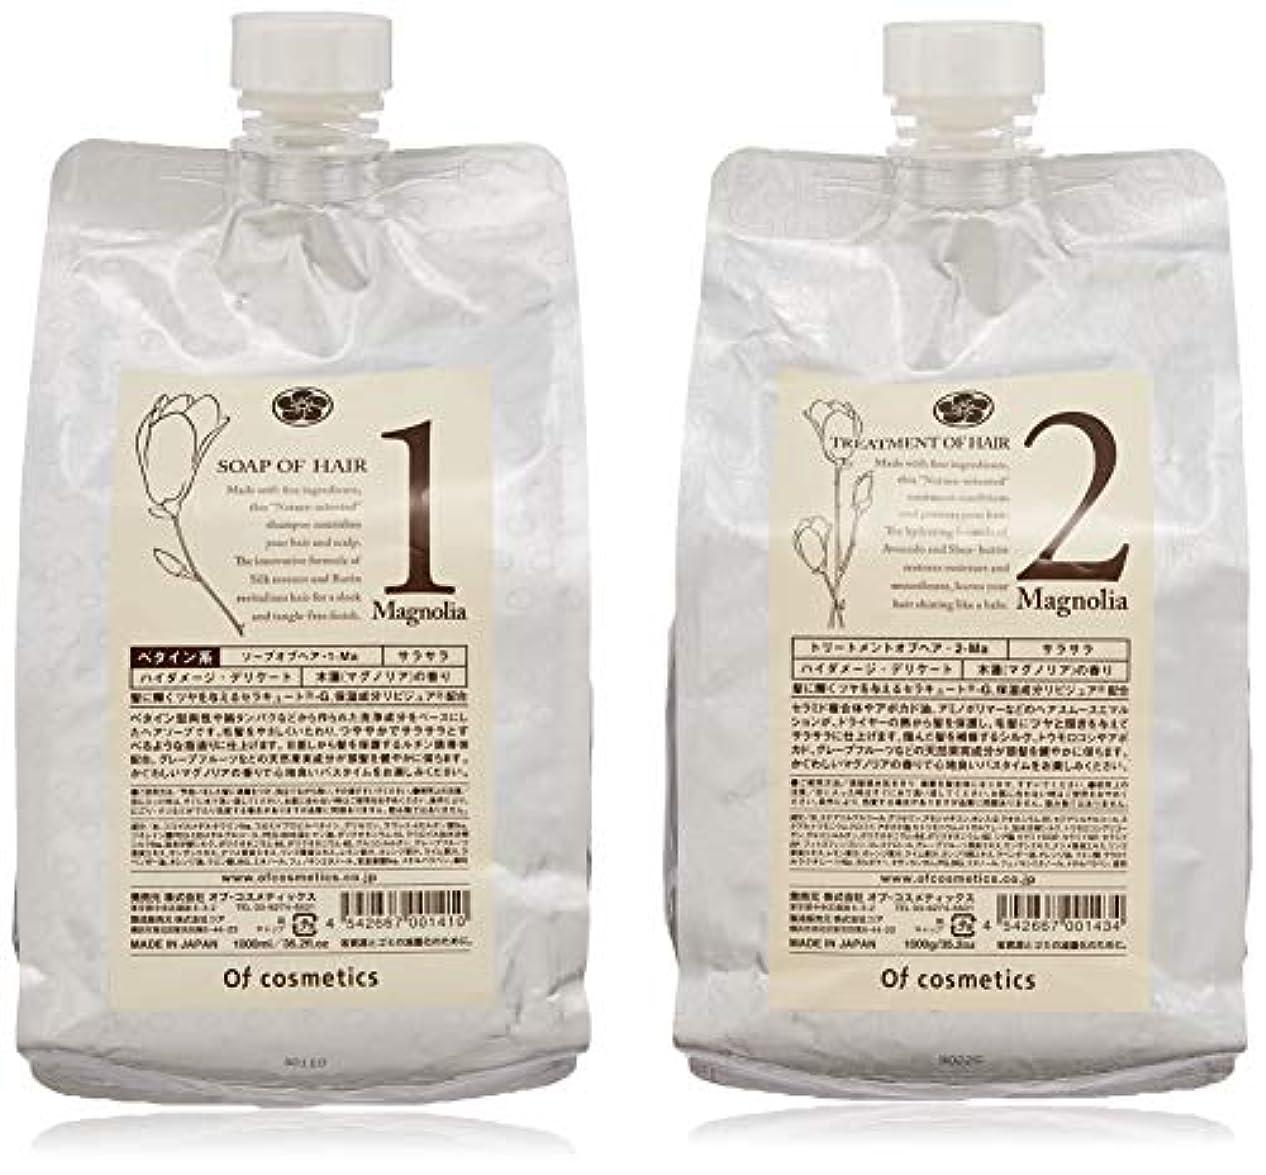 Of cosmetics【サラサラセットB】ソープオブヘア?1Ma 1000ml&トリートメントオブヘア?2Ma 1000g(魅力的なマグノリアの香り)